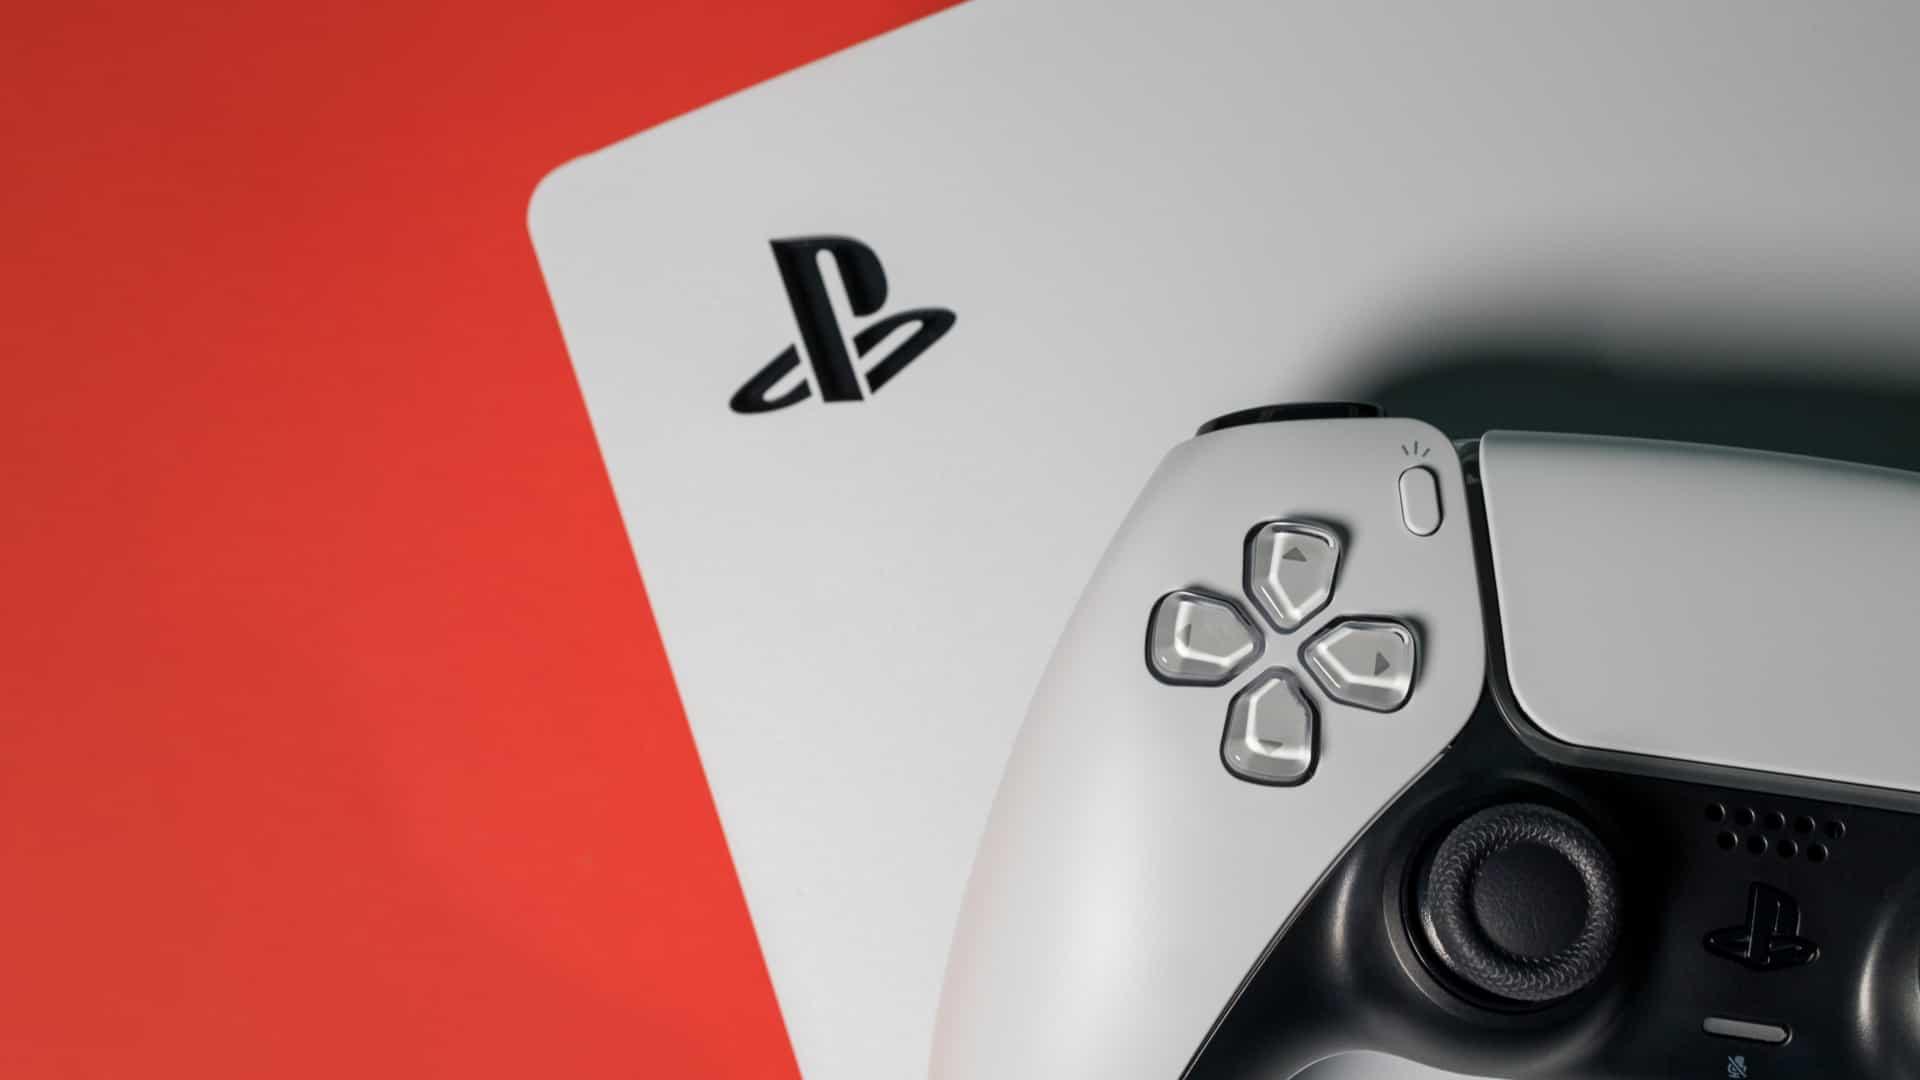 ¿Es el kit de desarrollo de PS5 más atractivo que la consola real de Sony?